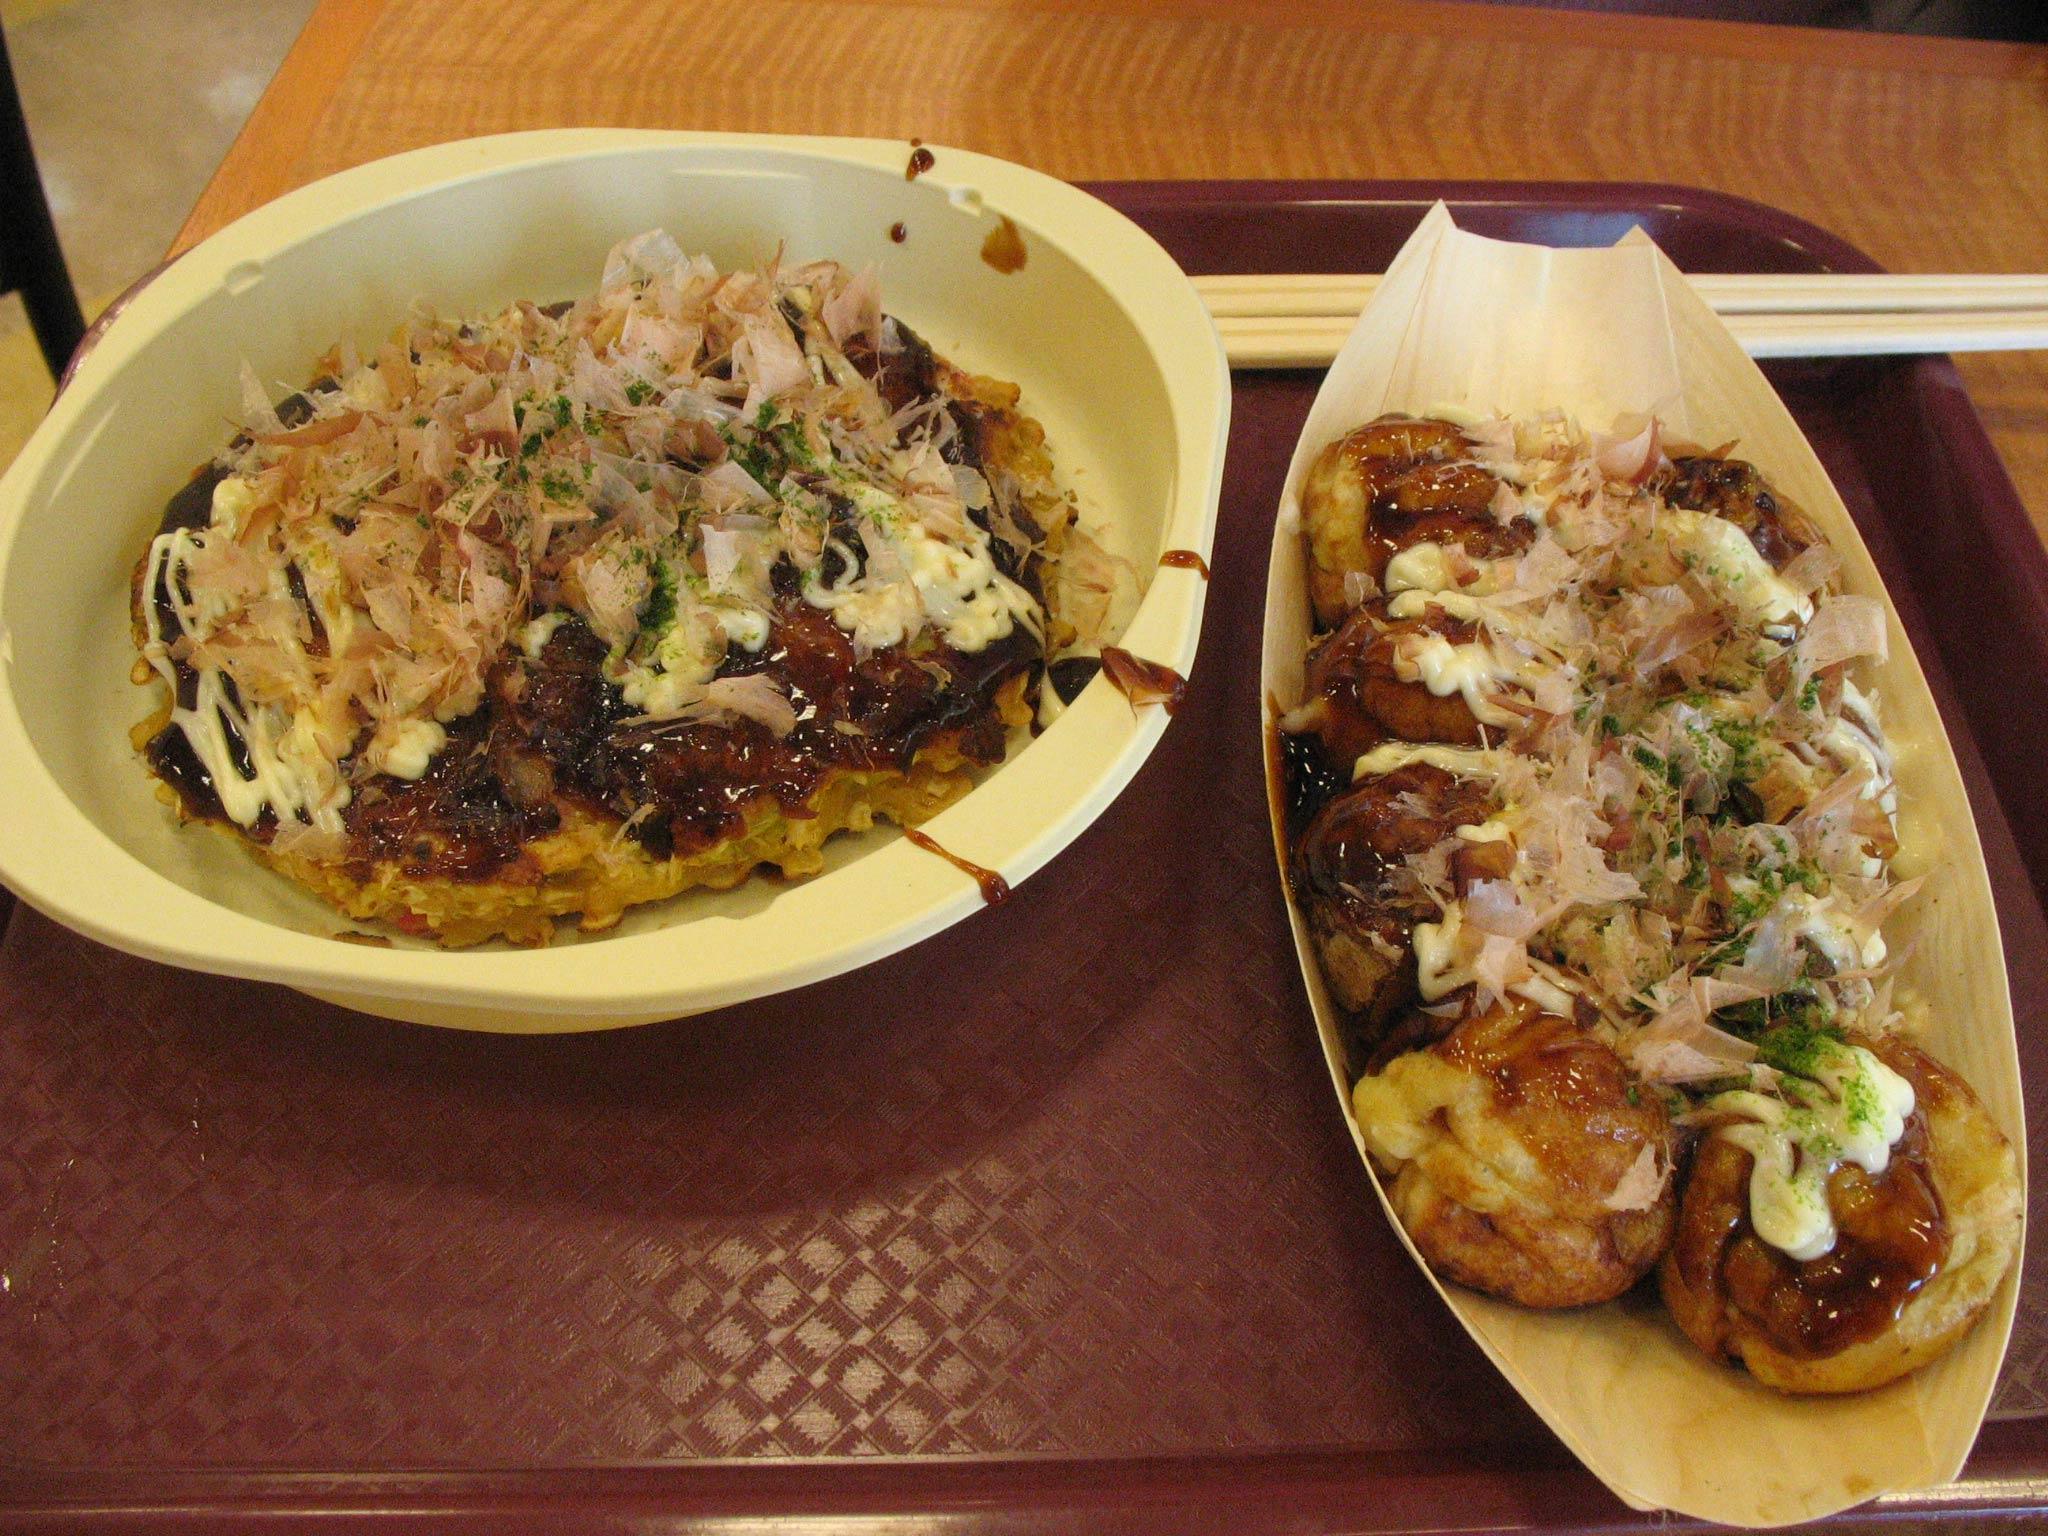 ブルメールHAT神戸1階の関西スーパー横の店のたこやきとお好み焼き